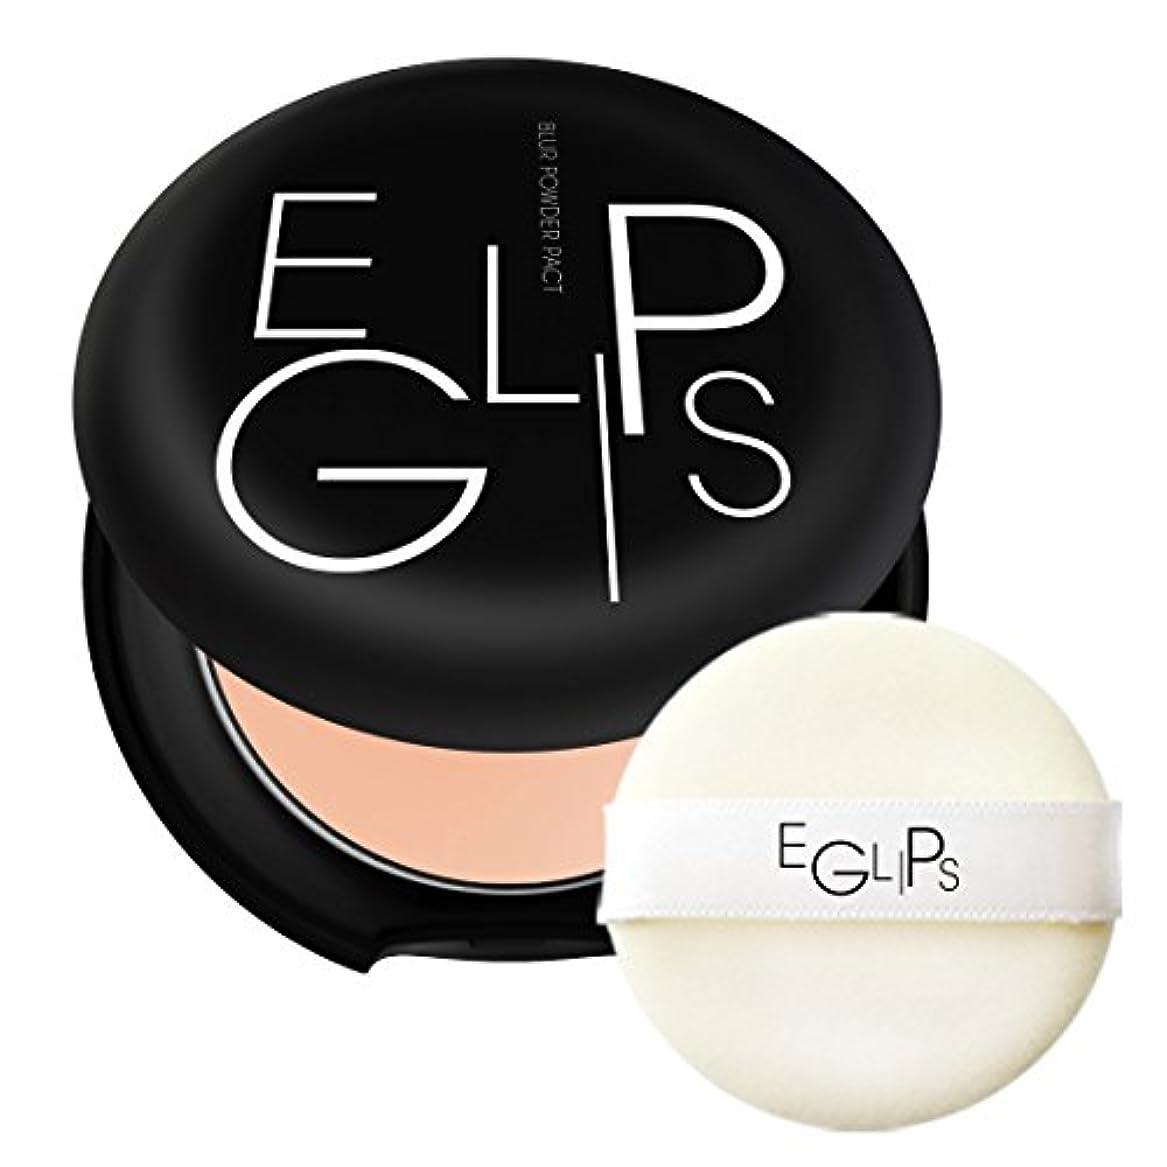 追い越す自動的に有利EGLIPS(イーグリップス)ブラーパウダーパクト 23号 9g